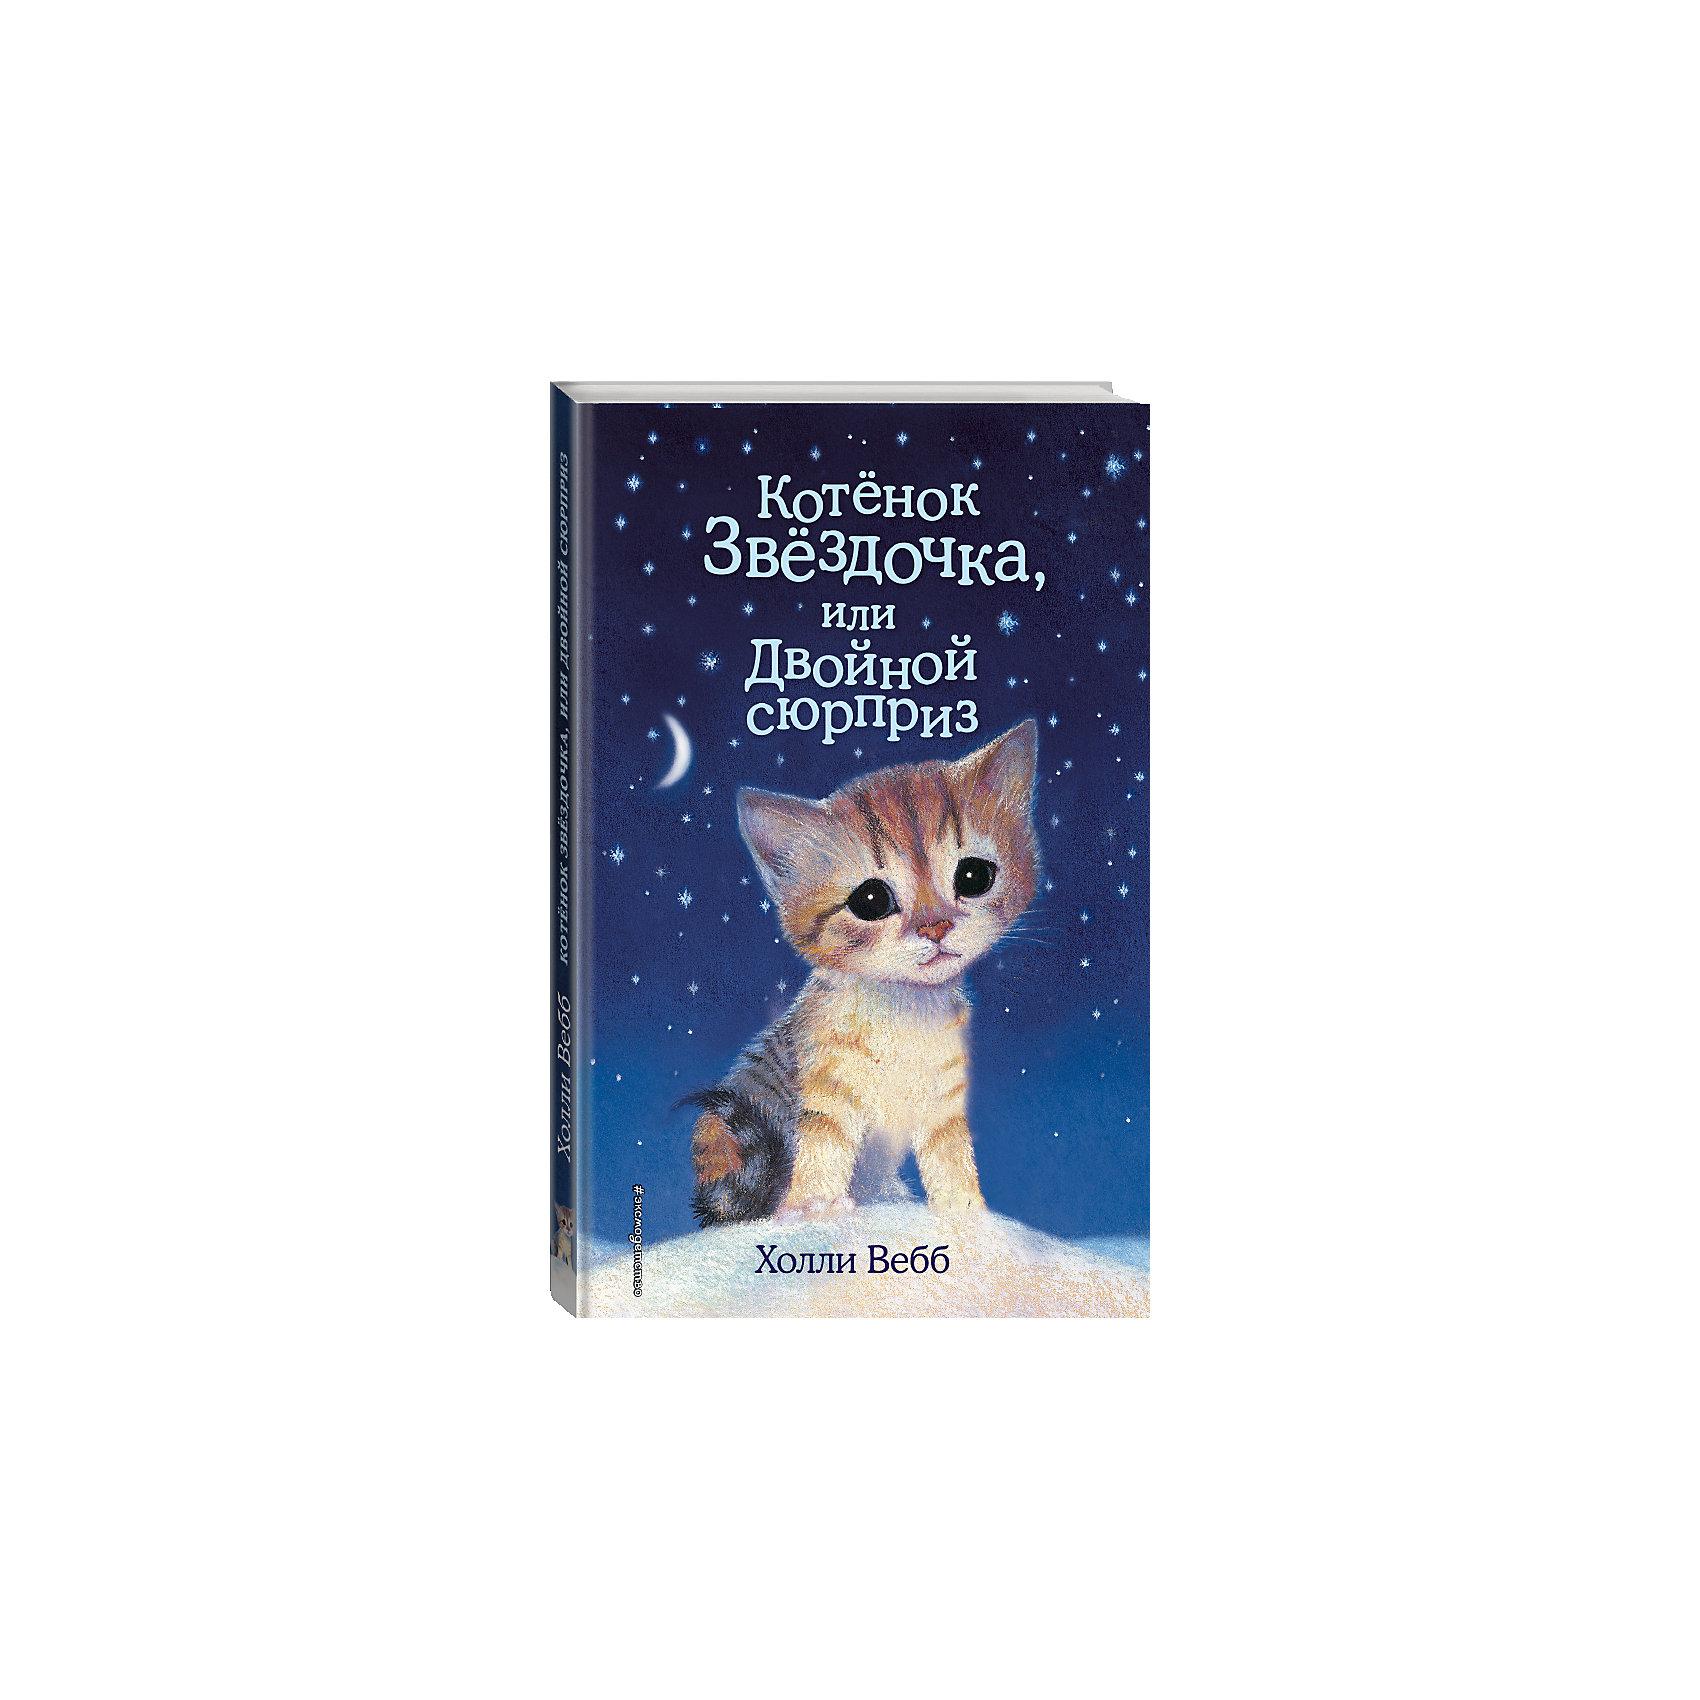 Котенок Звездочка, или Двойной сюрприз, Вебб Х.Рассказы и повести<br>Жасмин была знакома со всеми соседскими котами и кошками. Раз уж родители не разрешают завести своего питомца, можно хотя бы погладить чужого. Но особенно девочка подружилась с кошечкой Звездочкой, ласковой и игривой. <br>Поэтому хозяева Звездочки предложили девочке присмотреть за любимицей во время их отпуска. Жасмин согласилась и принялась прилежно заботиться о Звездочке. Но кошечка почему-то вдруг стала вялой и сонной, а потом и вовсе исчезла. Жасмин очень расстроилась – на улице со Звездочкой может случиться какая-нибудь неприятность!<br>Однако Звездочка пропала не просто так. Она приготовила для всех большой, можно даже сказать, двойной сюрприз!<br><br>Ширина мм: 210<br>Глубина мм: 140<br>Высота мм: 10<br>Вес г: 222<br>Возраст от месяцев: 72<br>Возраст до месяцев: 144<br>Пол: Унисекс<br>Возраст: Детский<br>SKU: 6878106